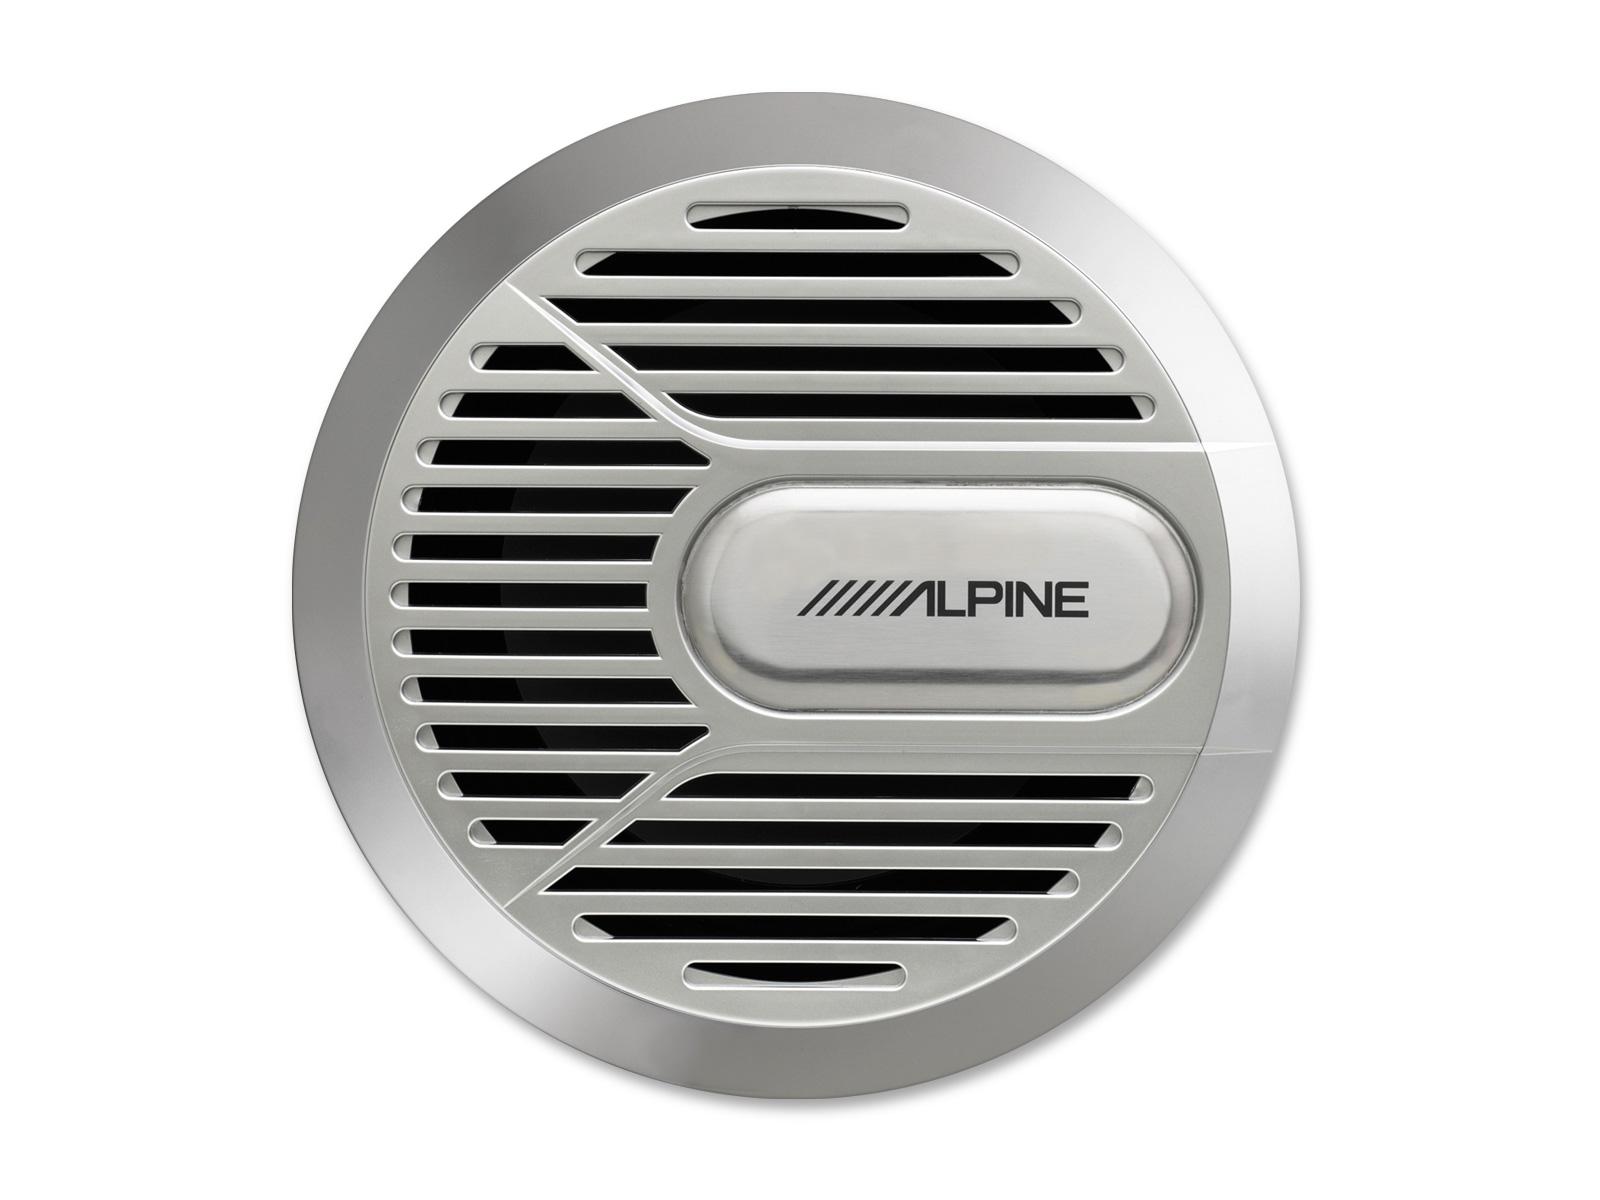 Alpine SWR-M100 (silber) Marine Outdoor Subwoofer für Boote, Yacht, Sportboot usw.